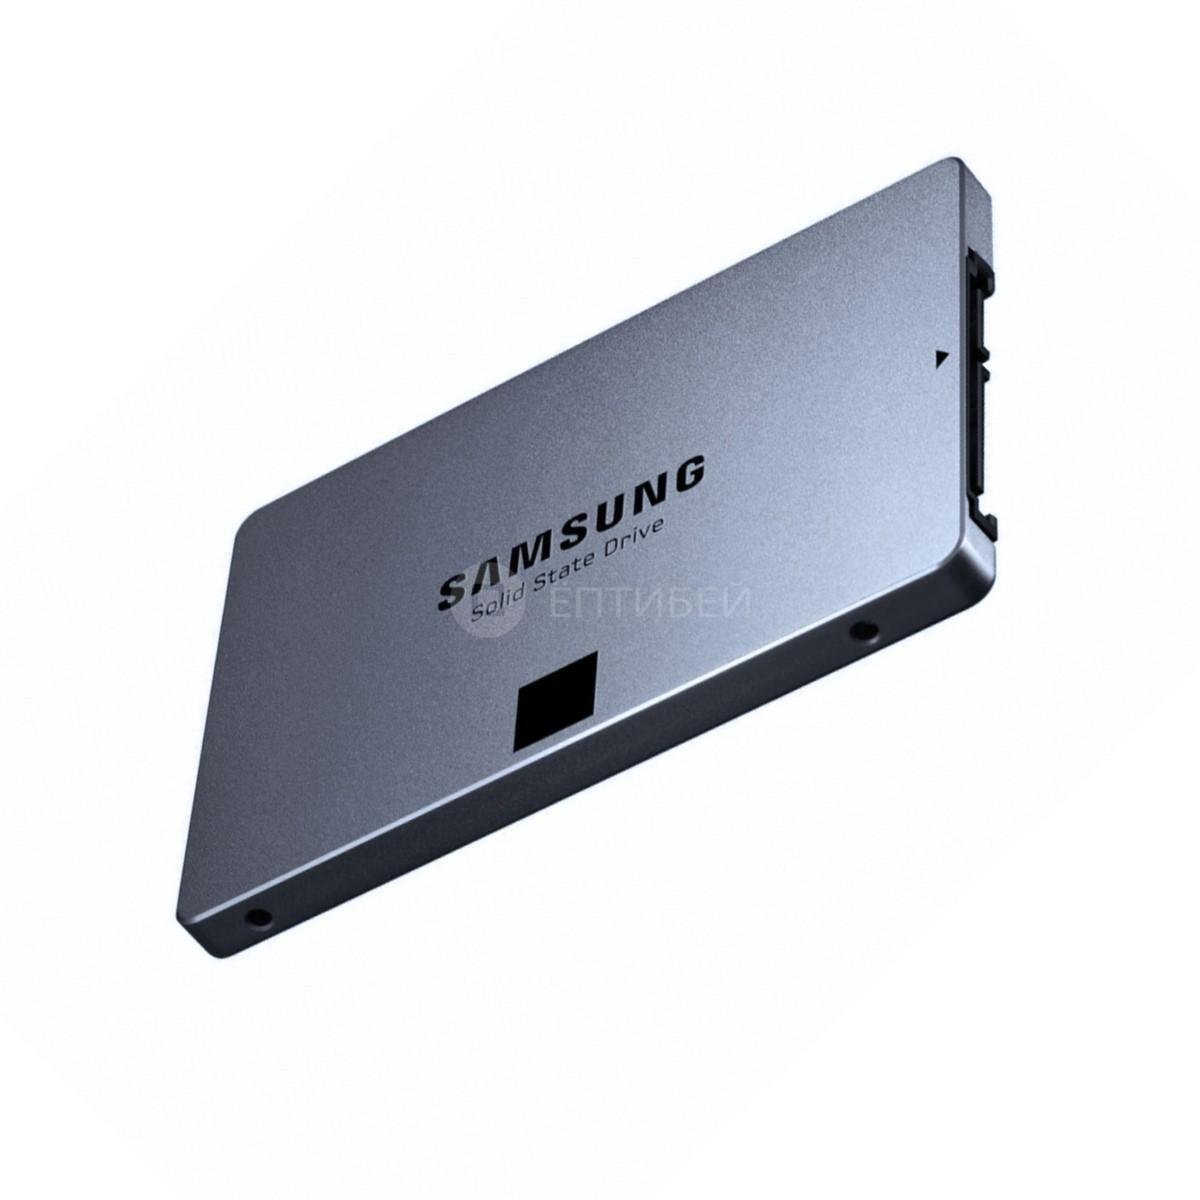 """Installed Samsung 850 Ssd In 2009 White Macbook: SSD диск SAMSUNG 120GB 850 EVO Series 2.5"""" для MacBook Pro"""